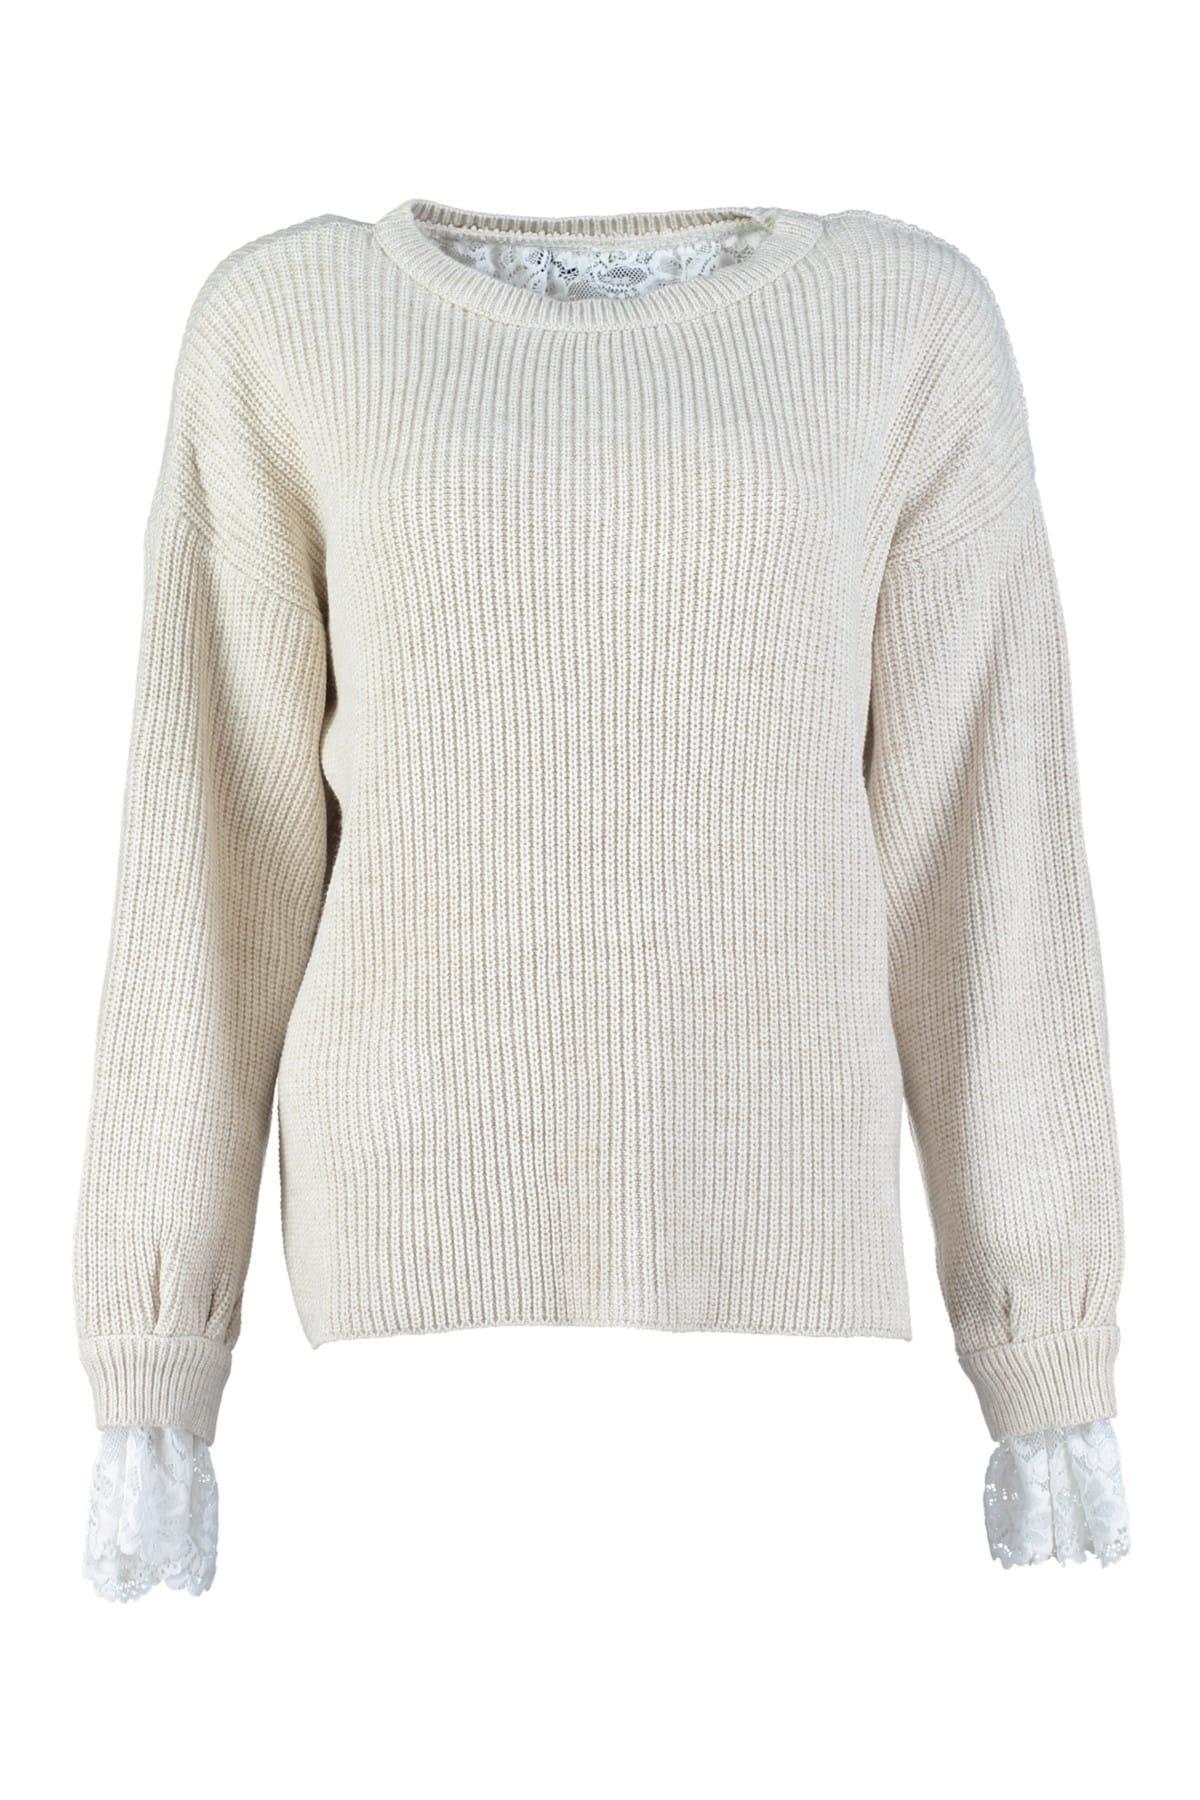 Trendyol WOMEN-Beige Crocheted Knitwear Sweater TWOAW20ZA0005